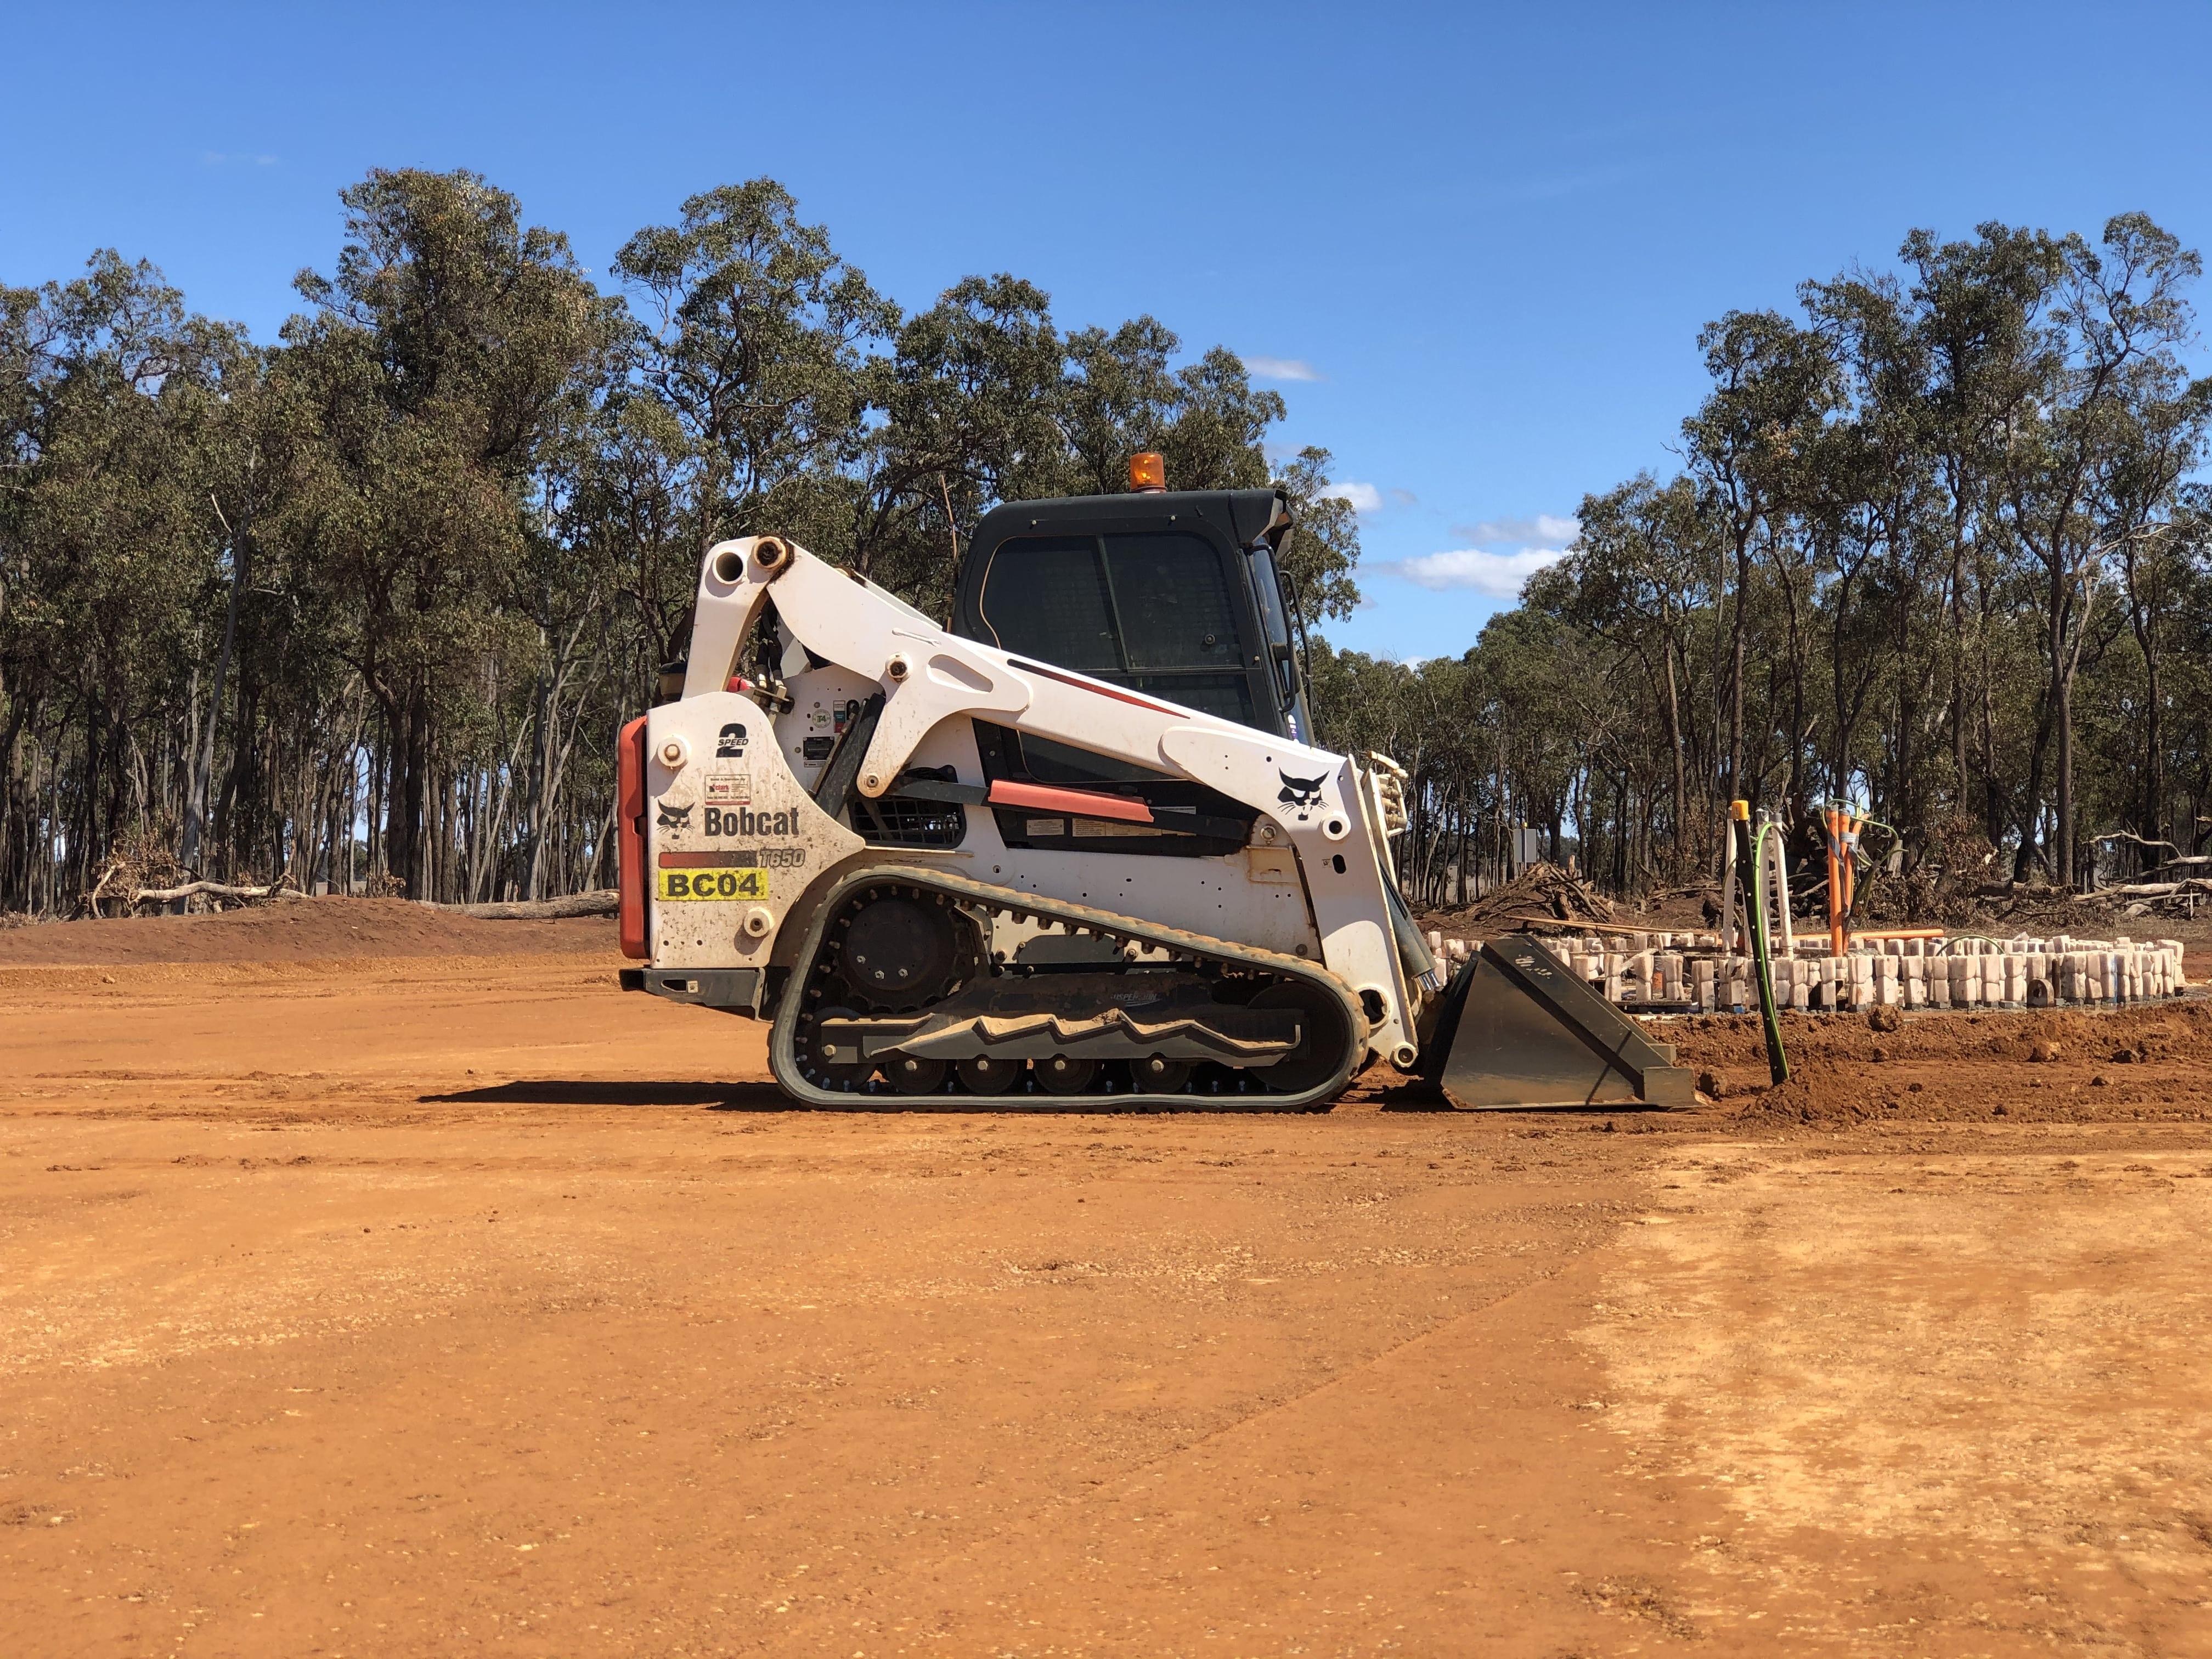 large skid steer hire vernice western australia